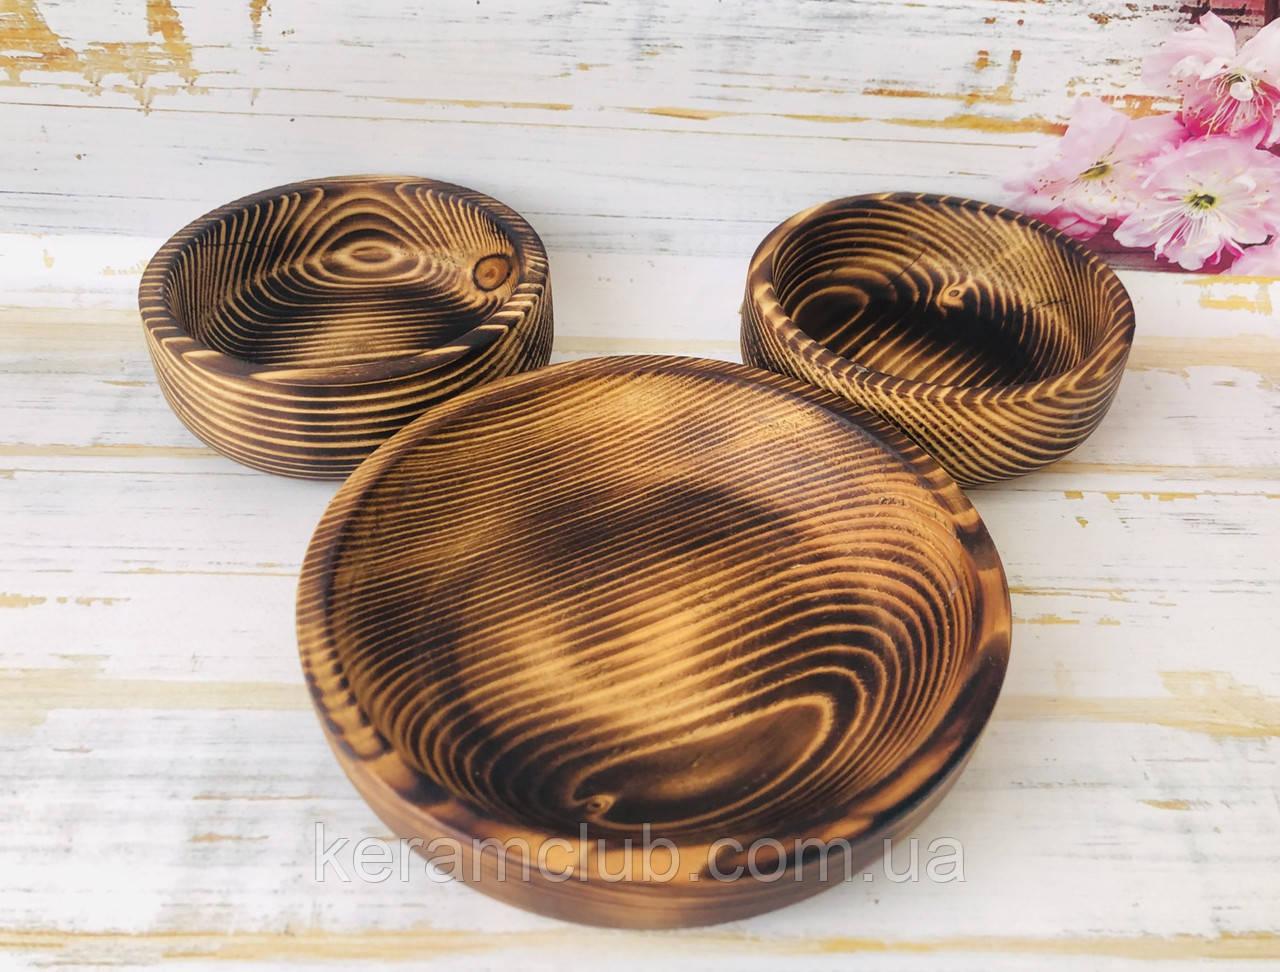 Набор деревянных тарелок из натурального дерева 3 предмета